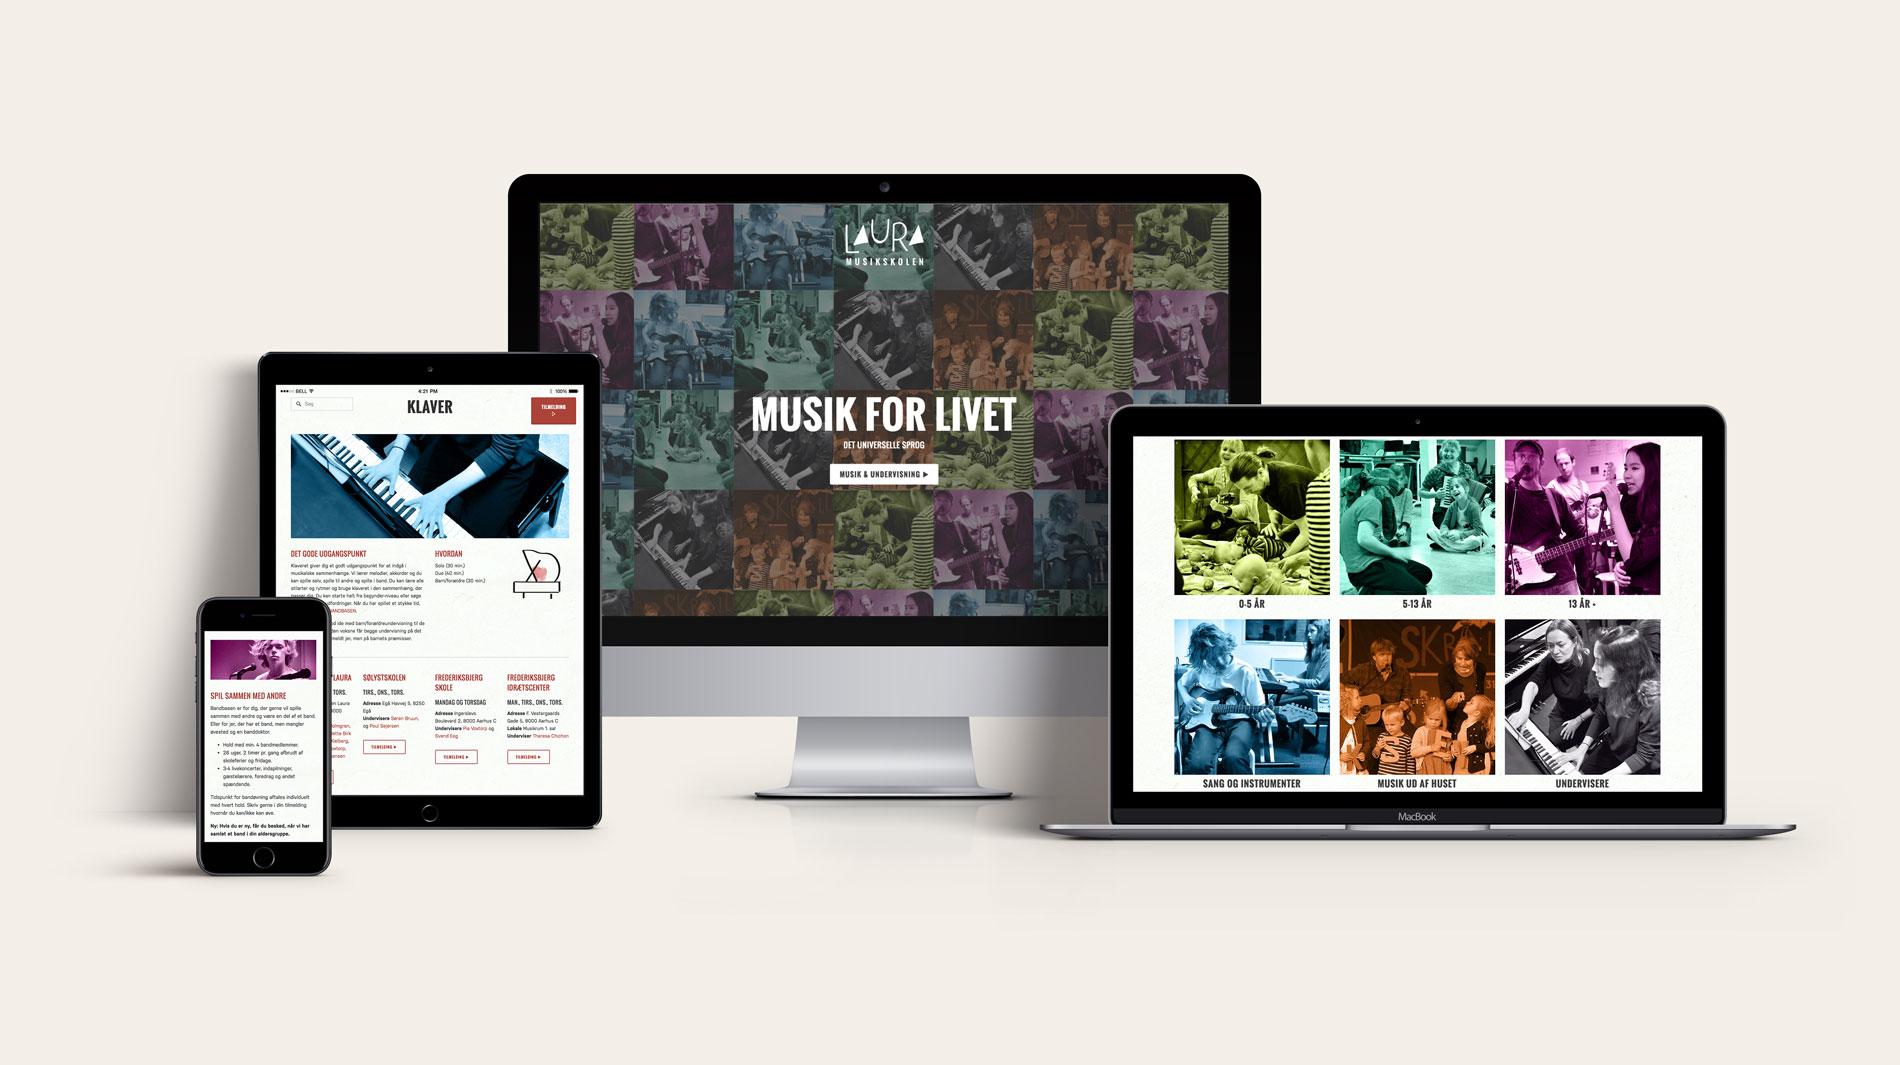 Musikskolen-Laura-Web-Showcase.jpg